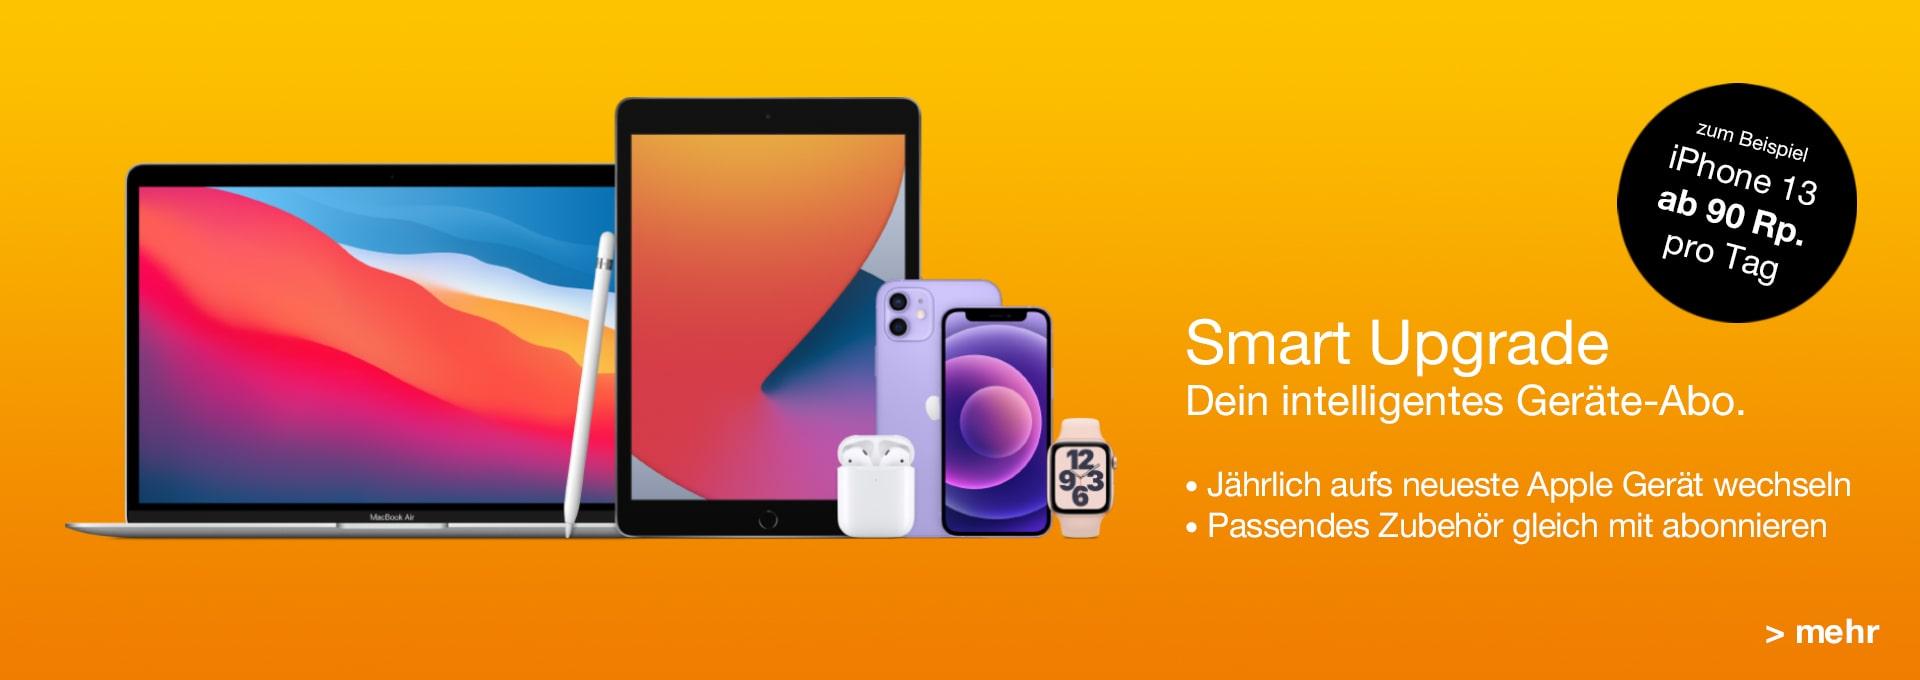 Smart Upgrade (vormals Mieten statt Kaufen)